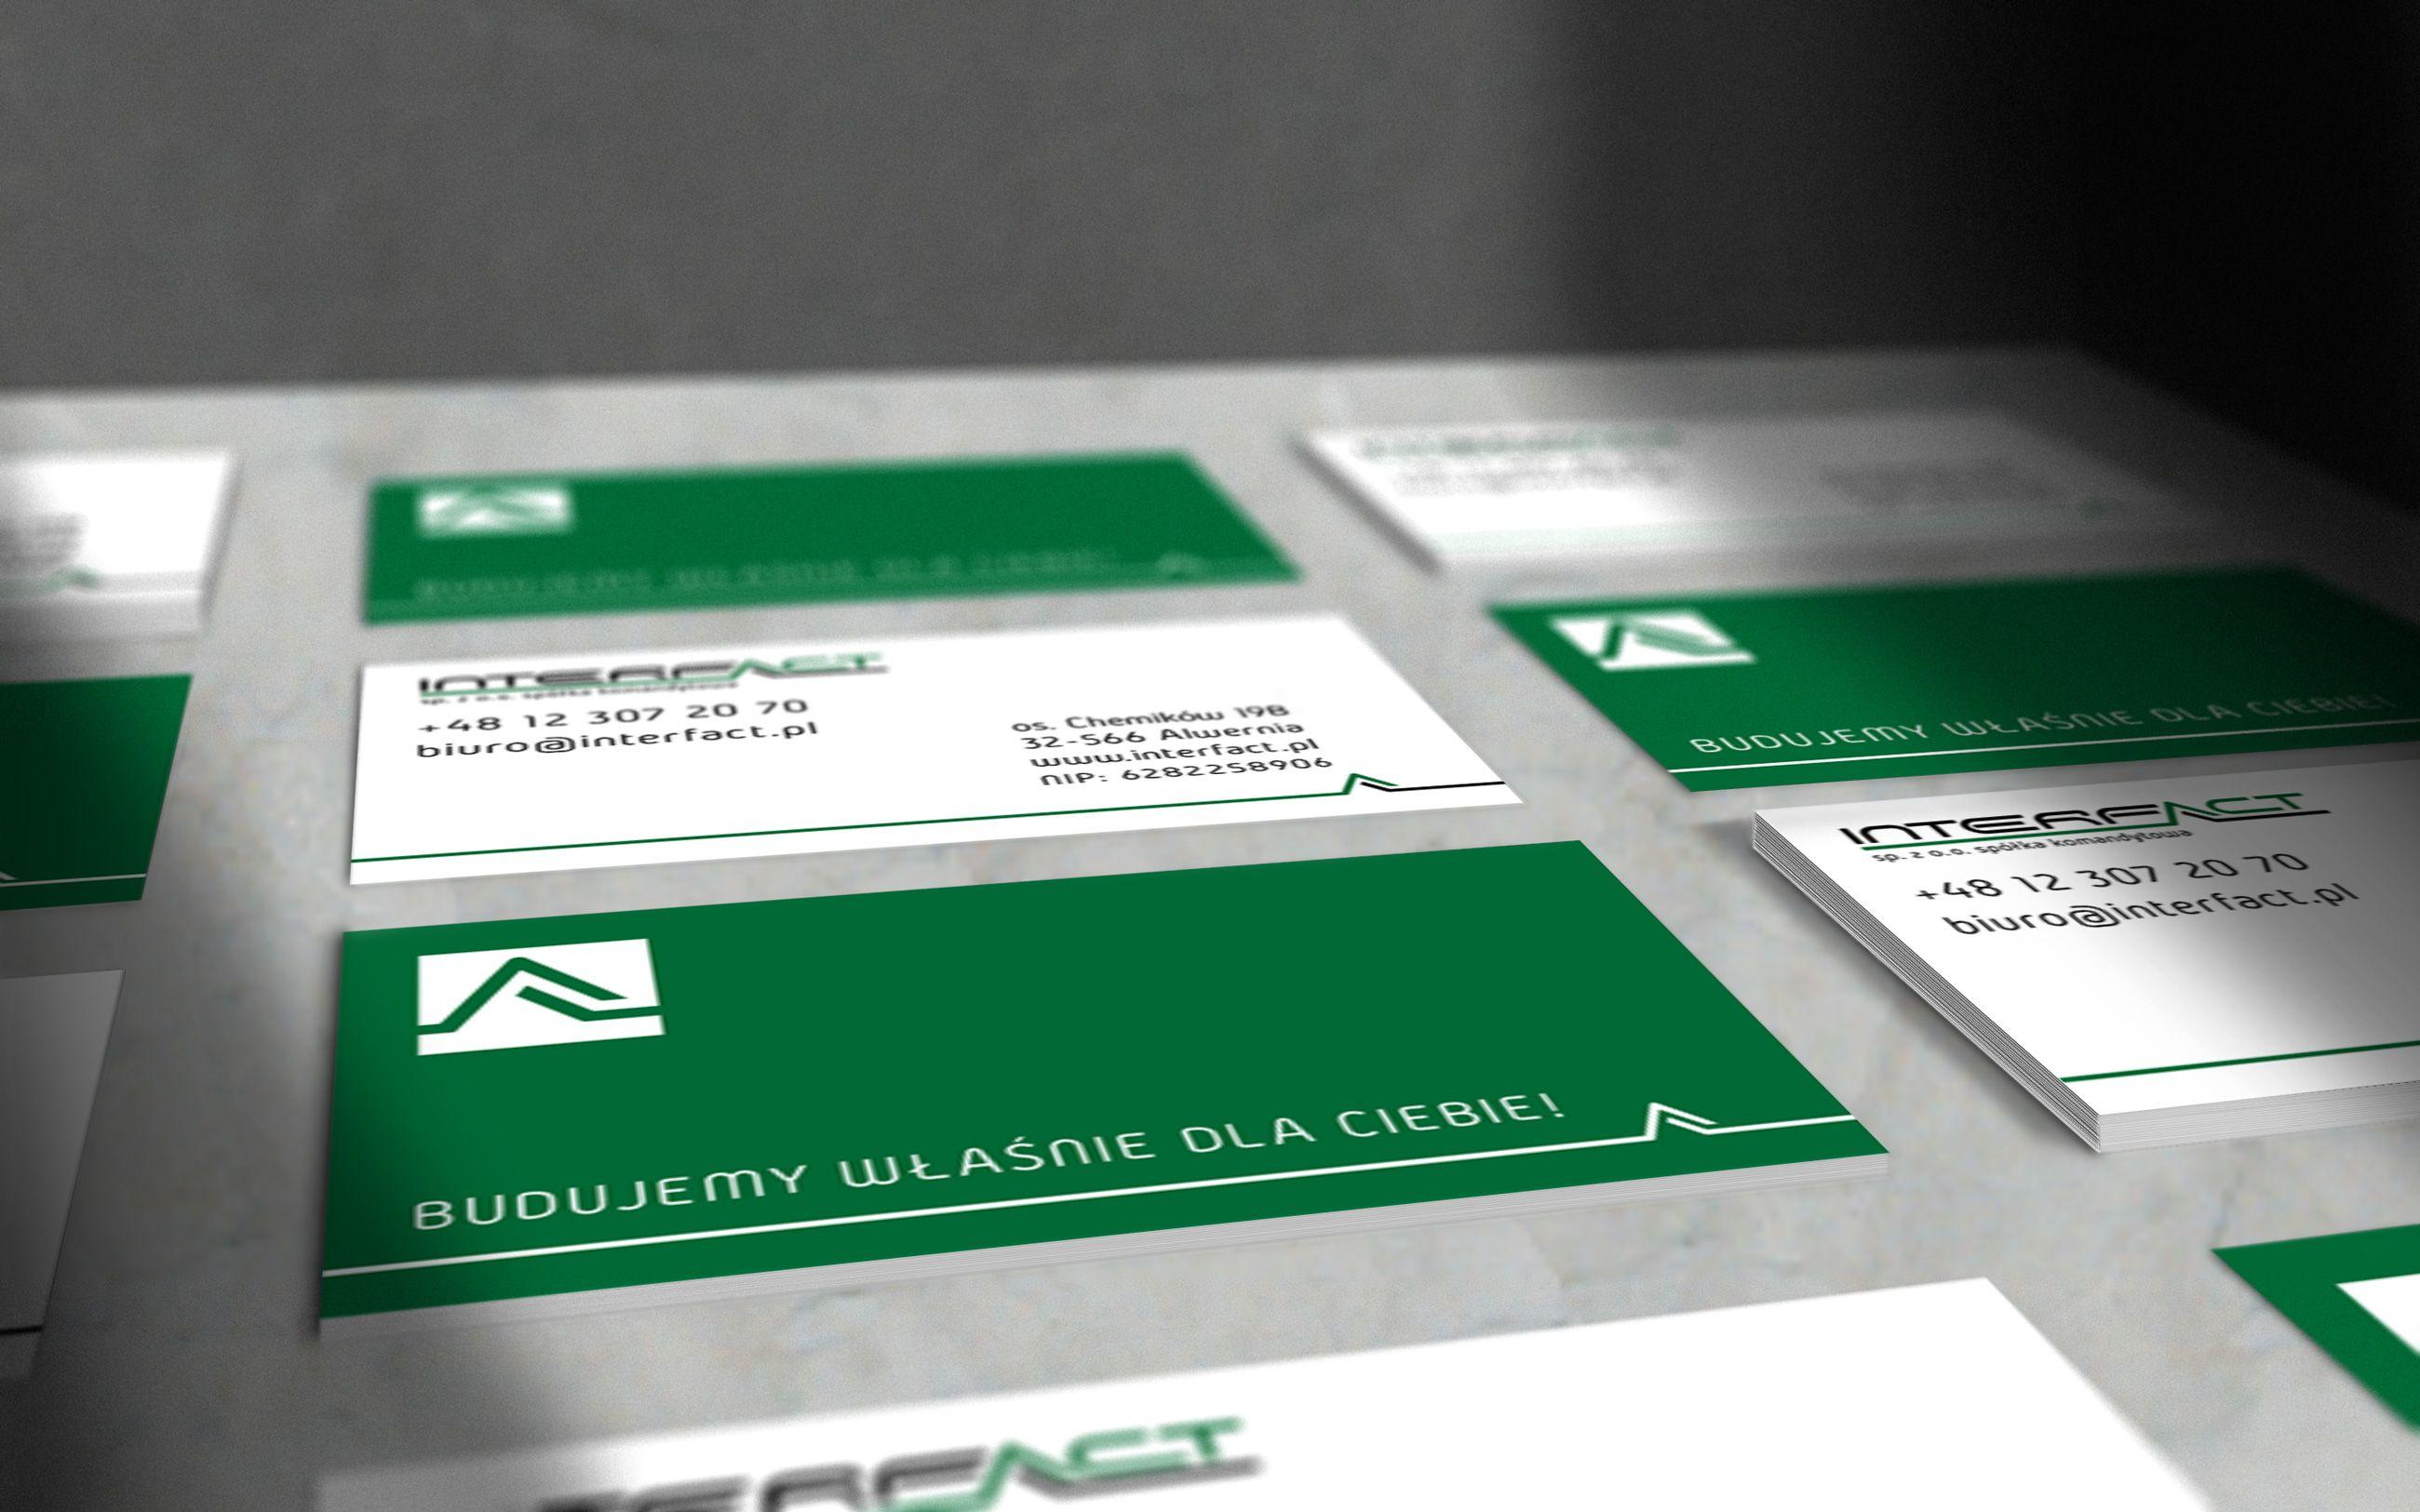 Projekt wizytówek dla Interfact | branding | identyfikacja wizualna